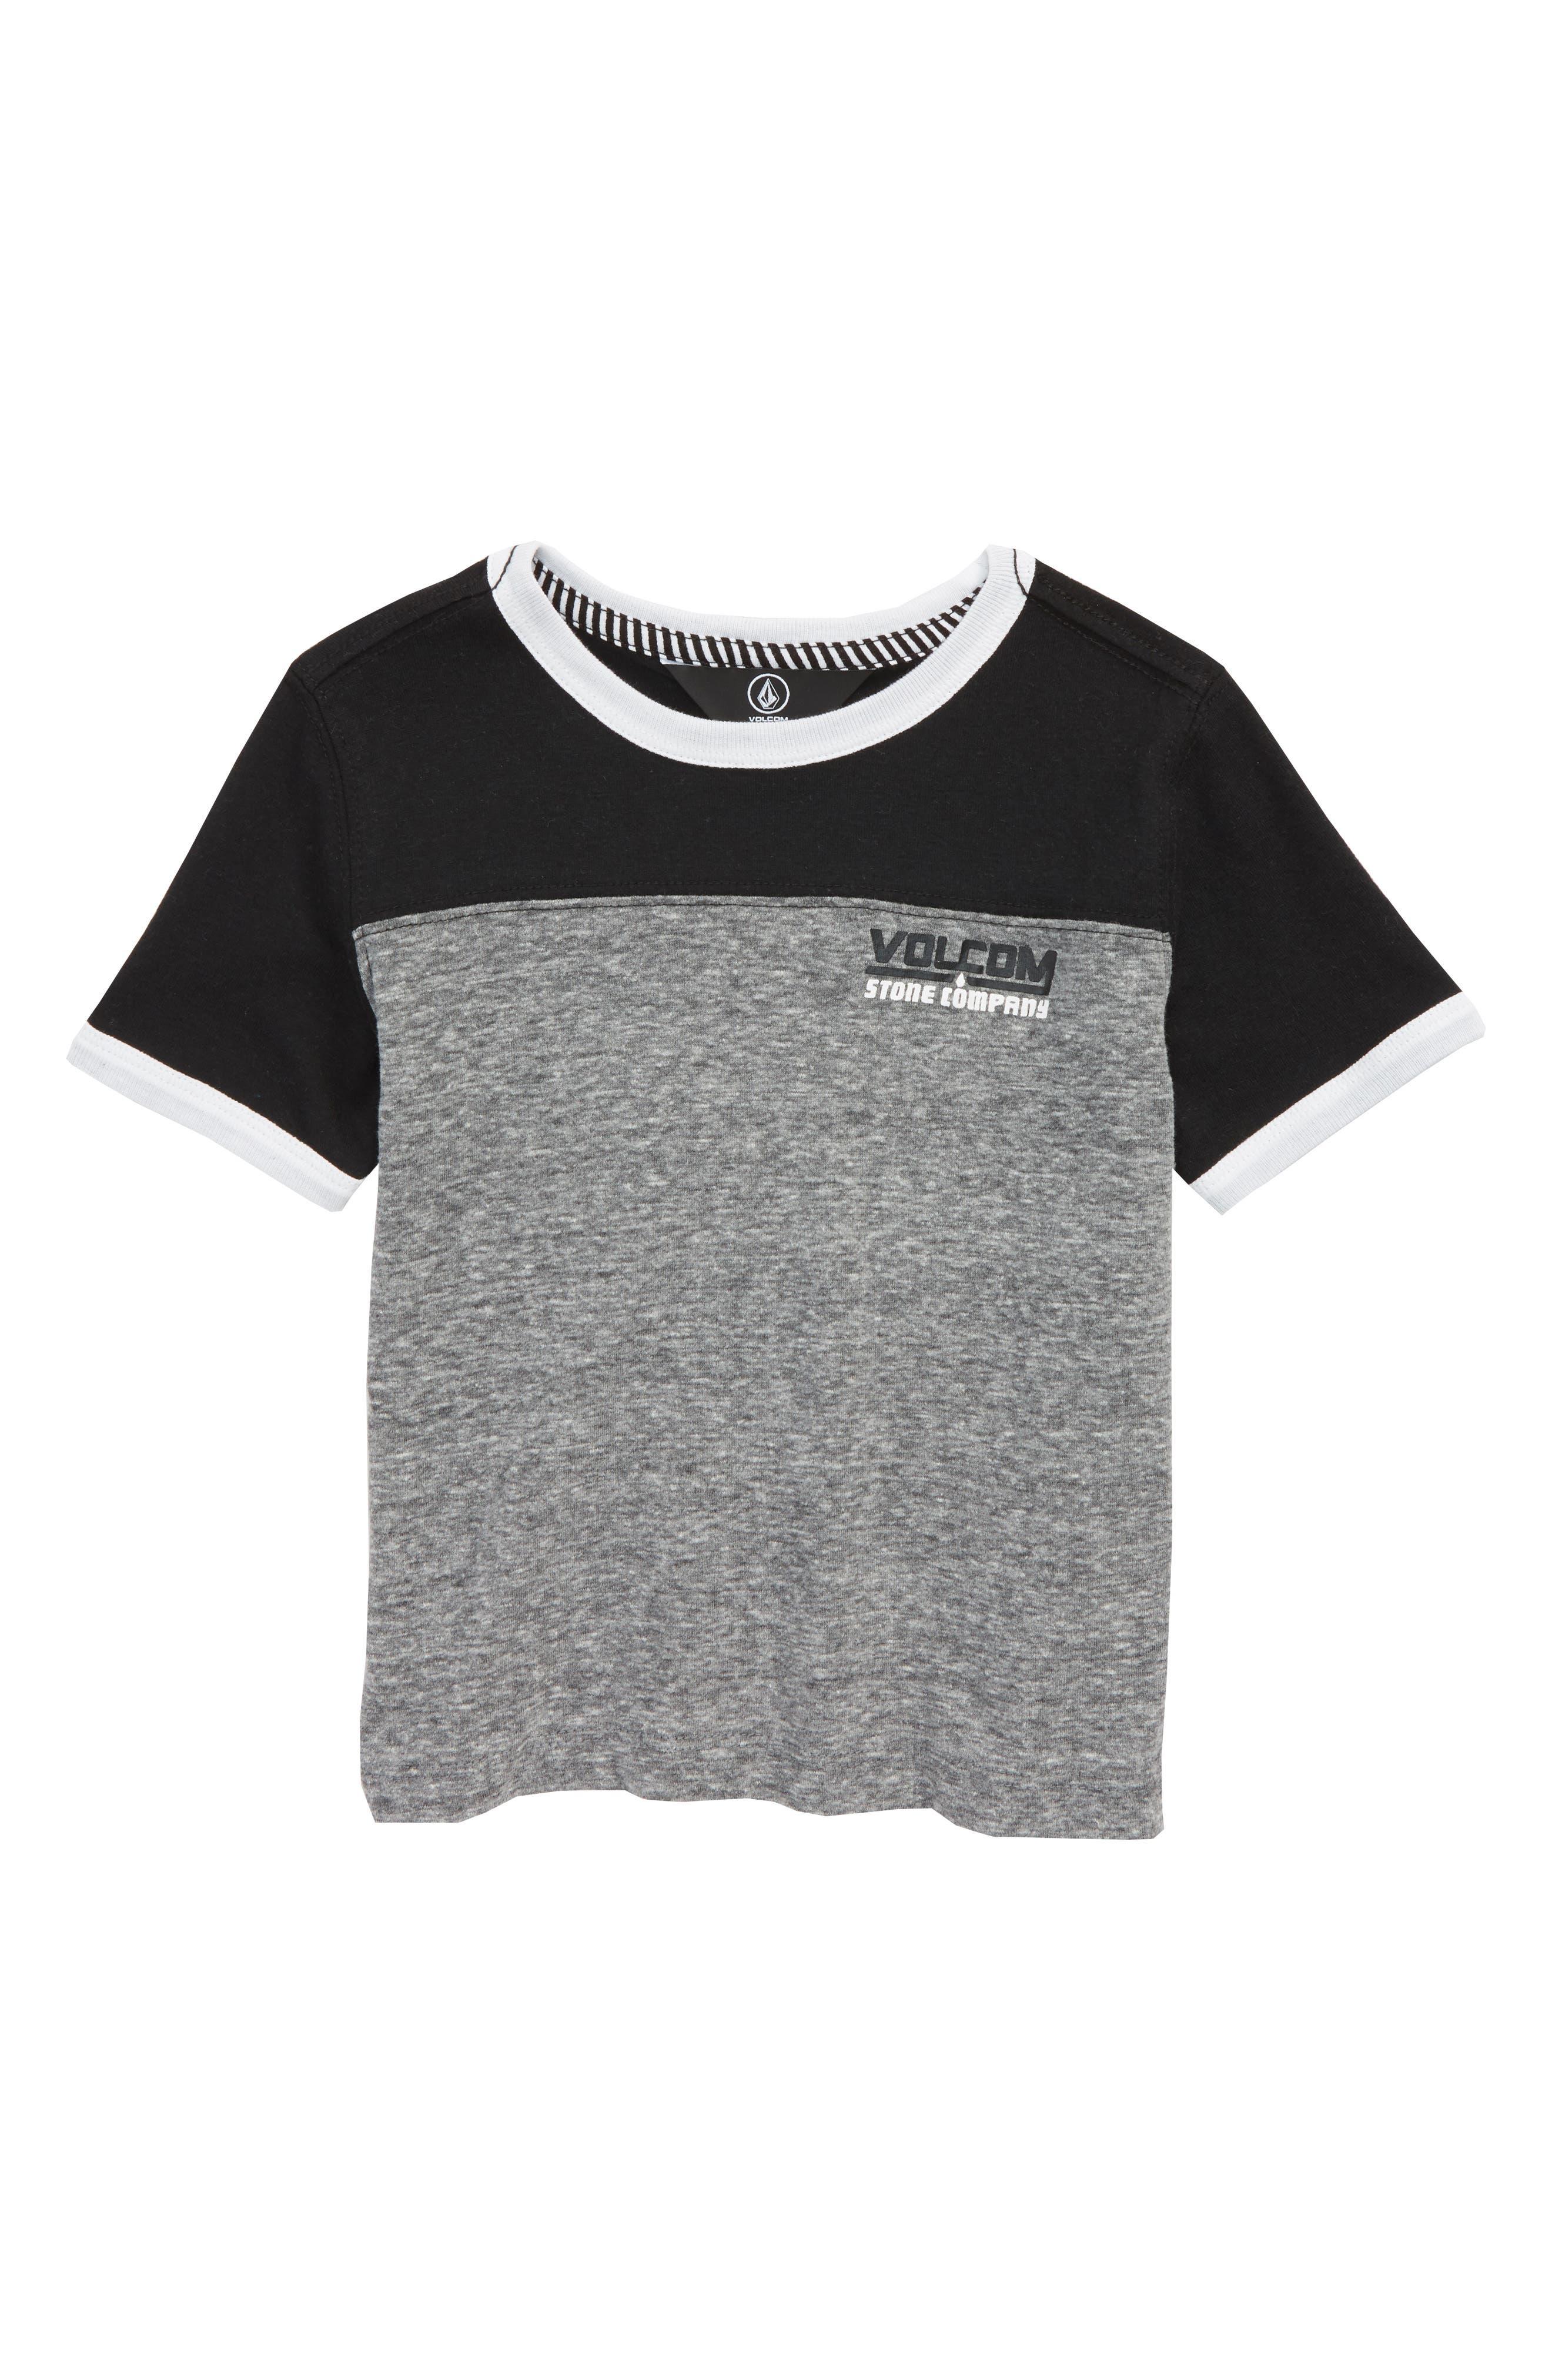 Walden Shirt,                             Main thumbnail 1, color,                             001